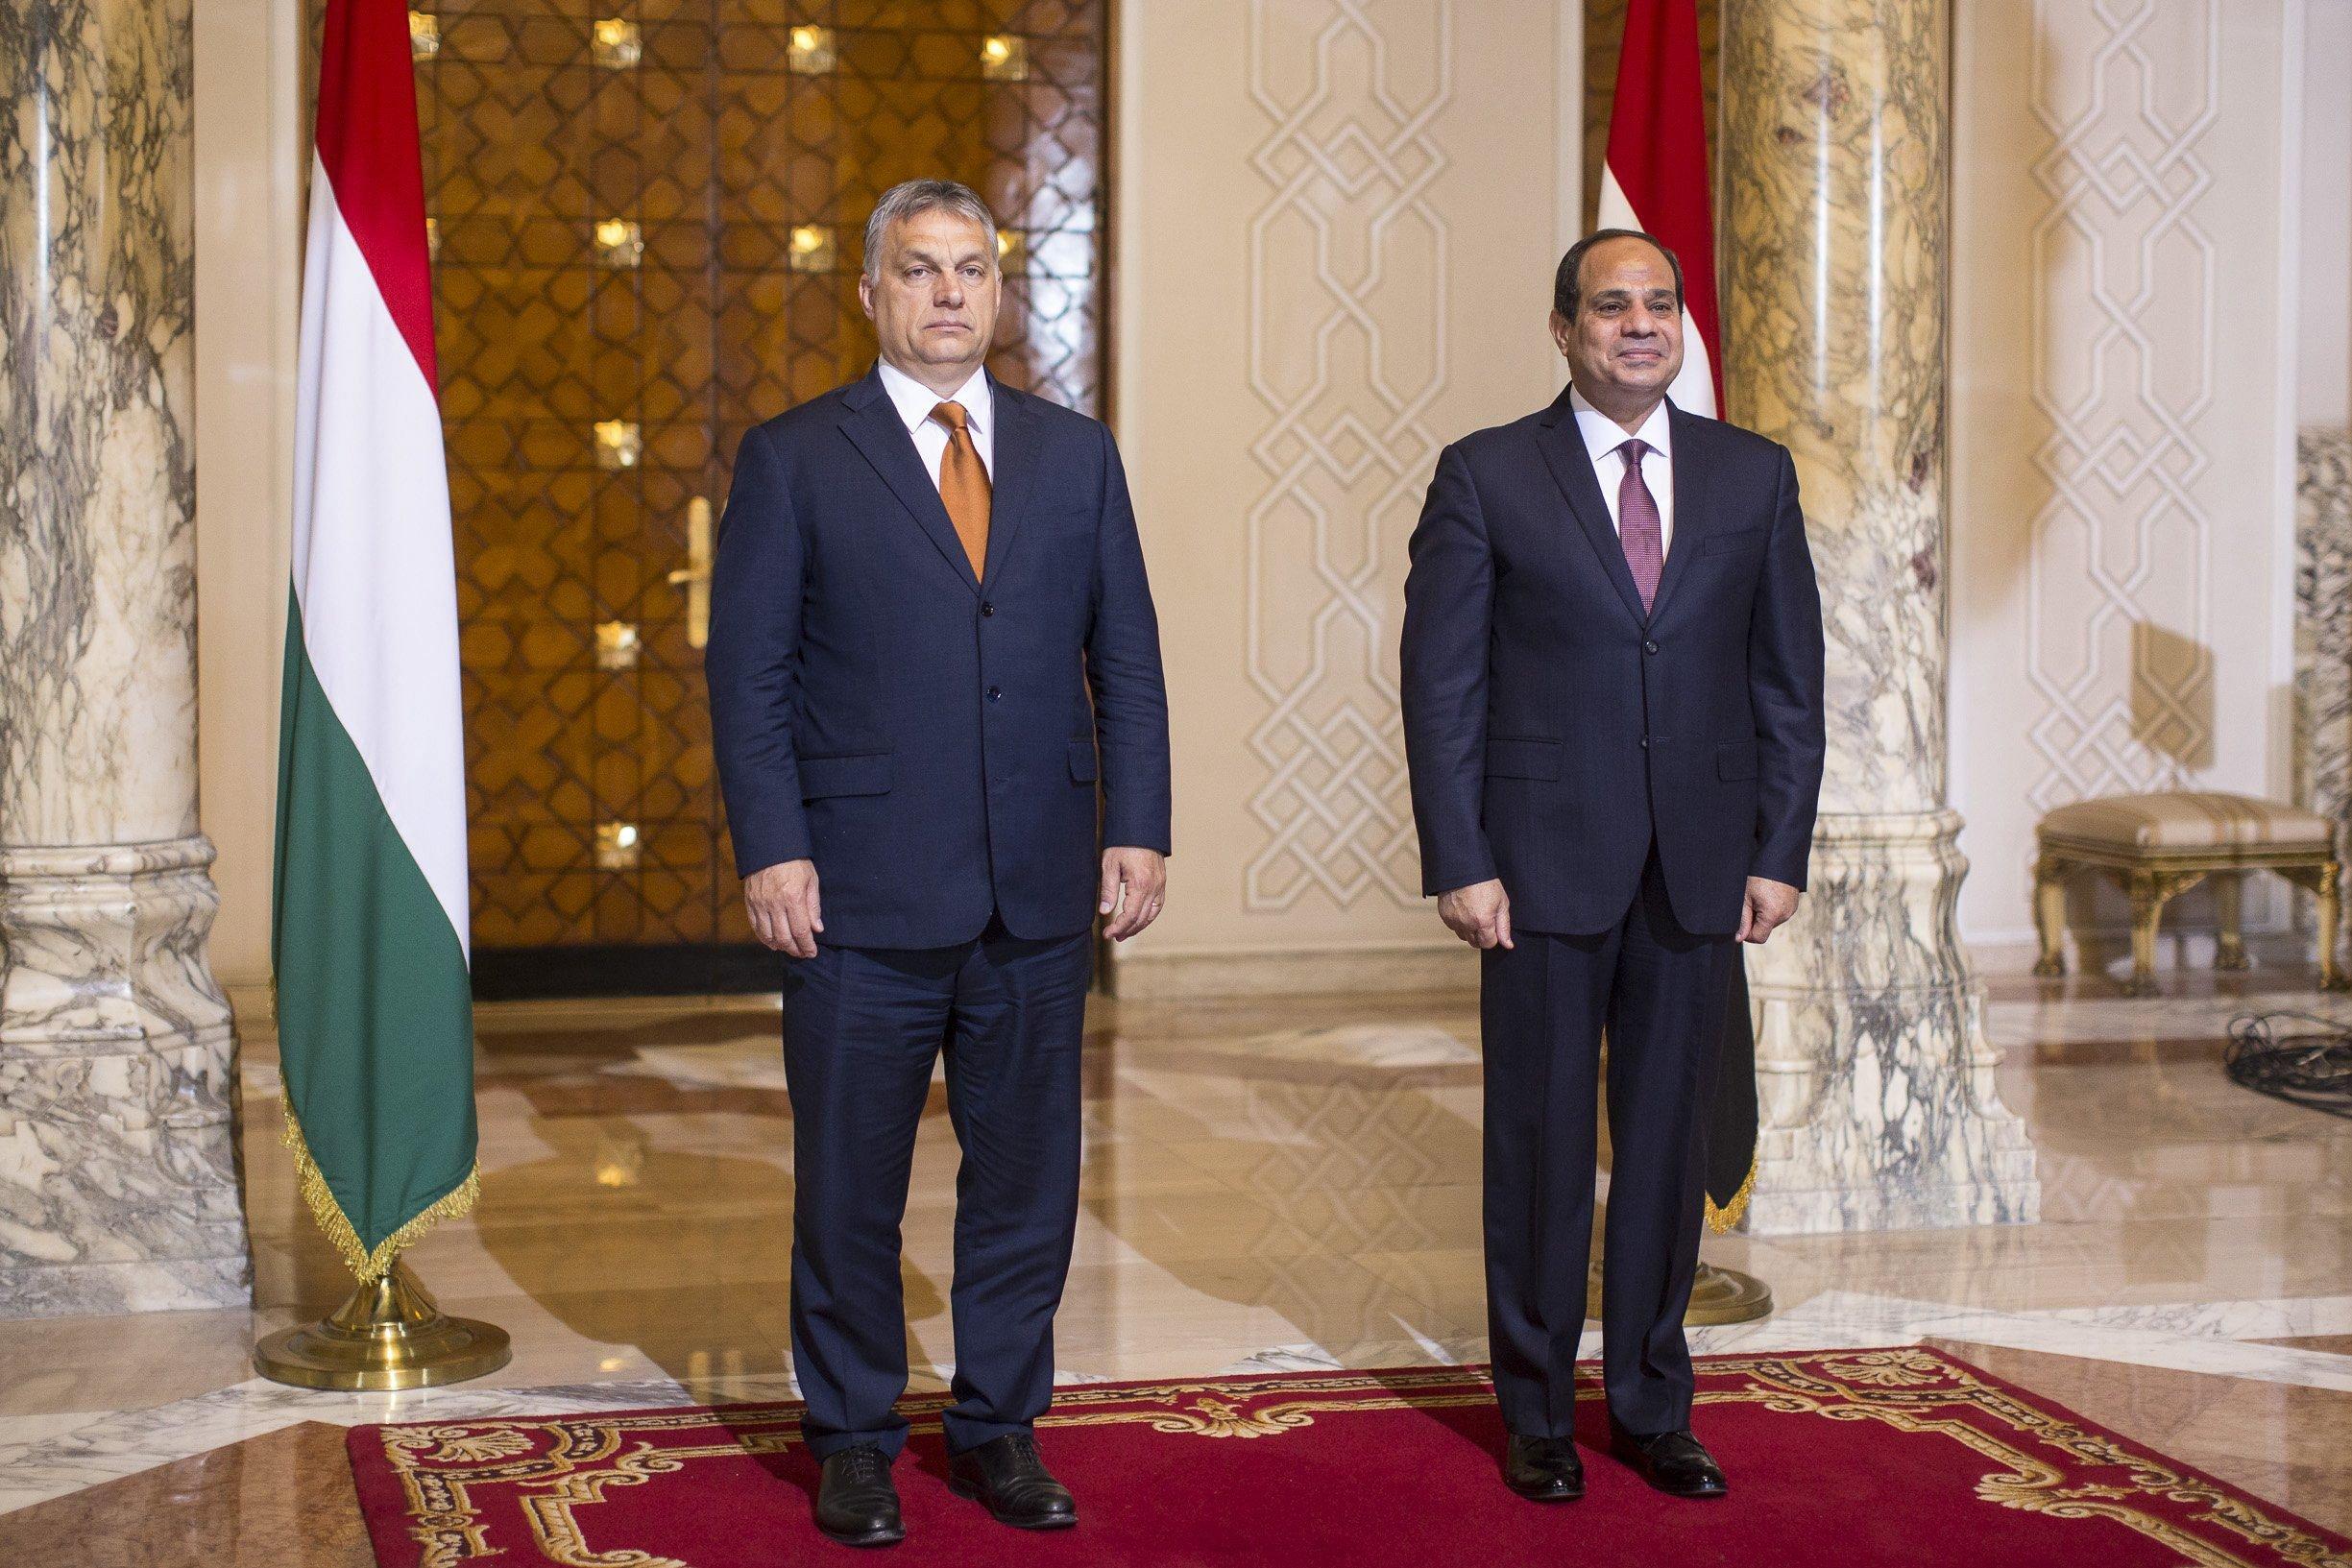 1 milliárd eurós megrendelést kapott Egyiptomból egy orosz-magyar konzorcium